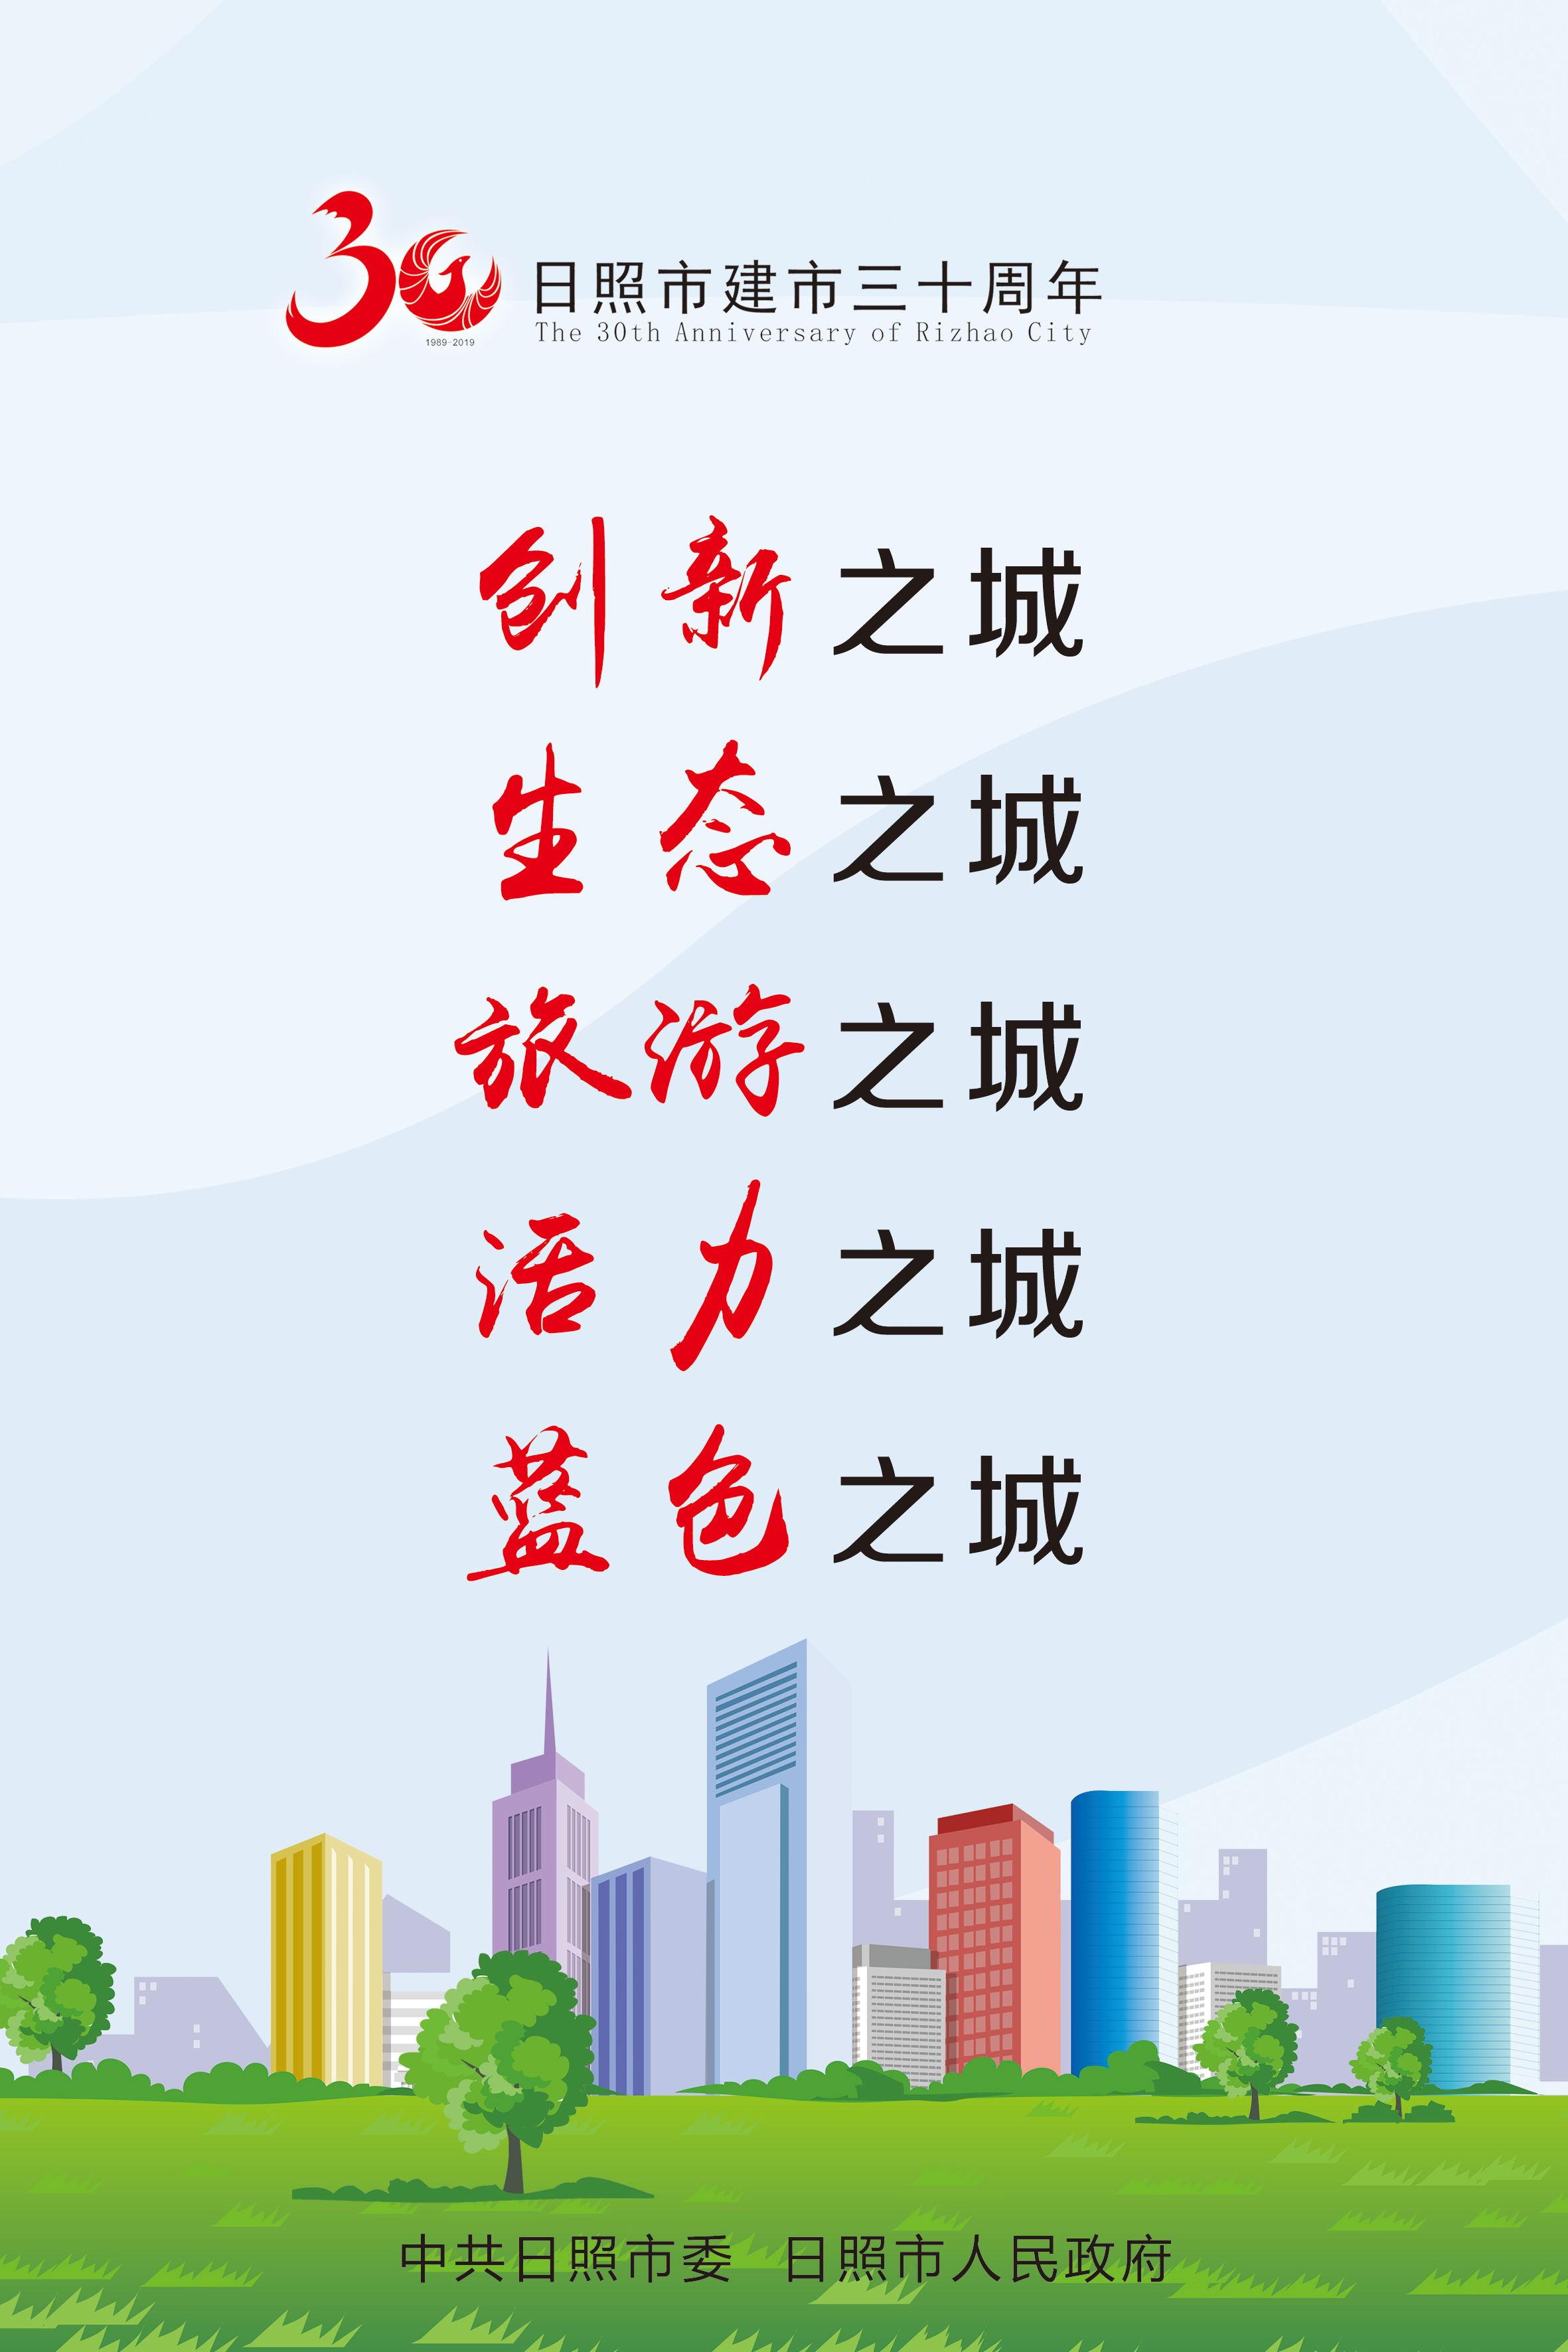 日照市建市30周年宣傳畫豎幅之六_看圖王.jpg